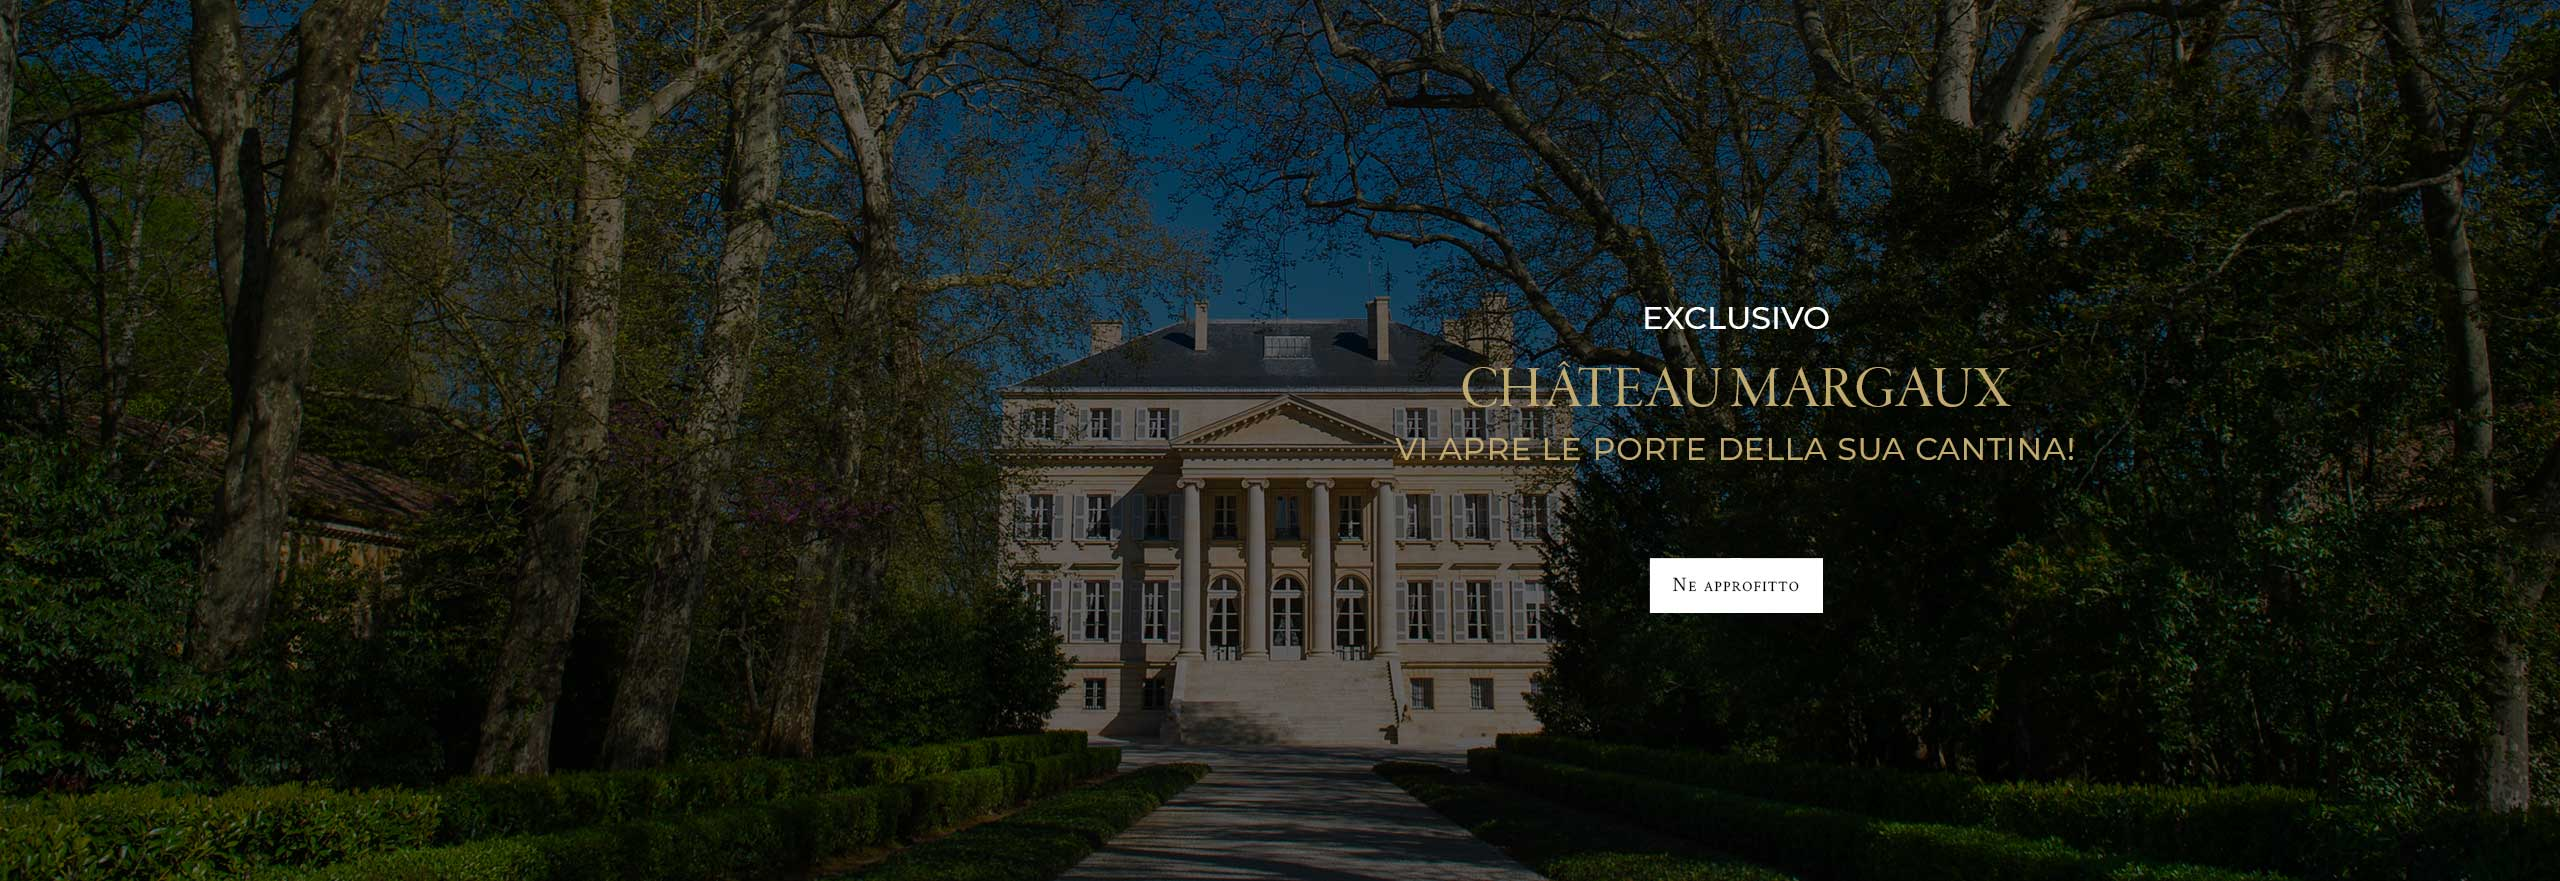 Château Margaux